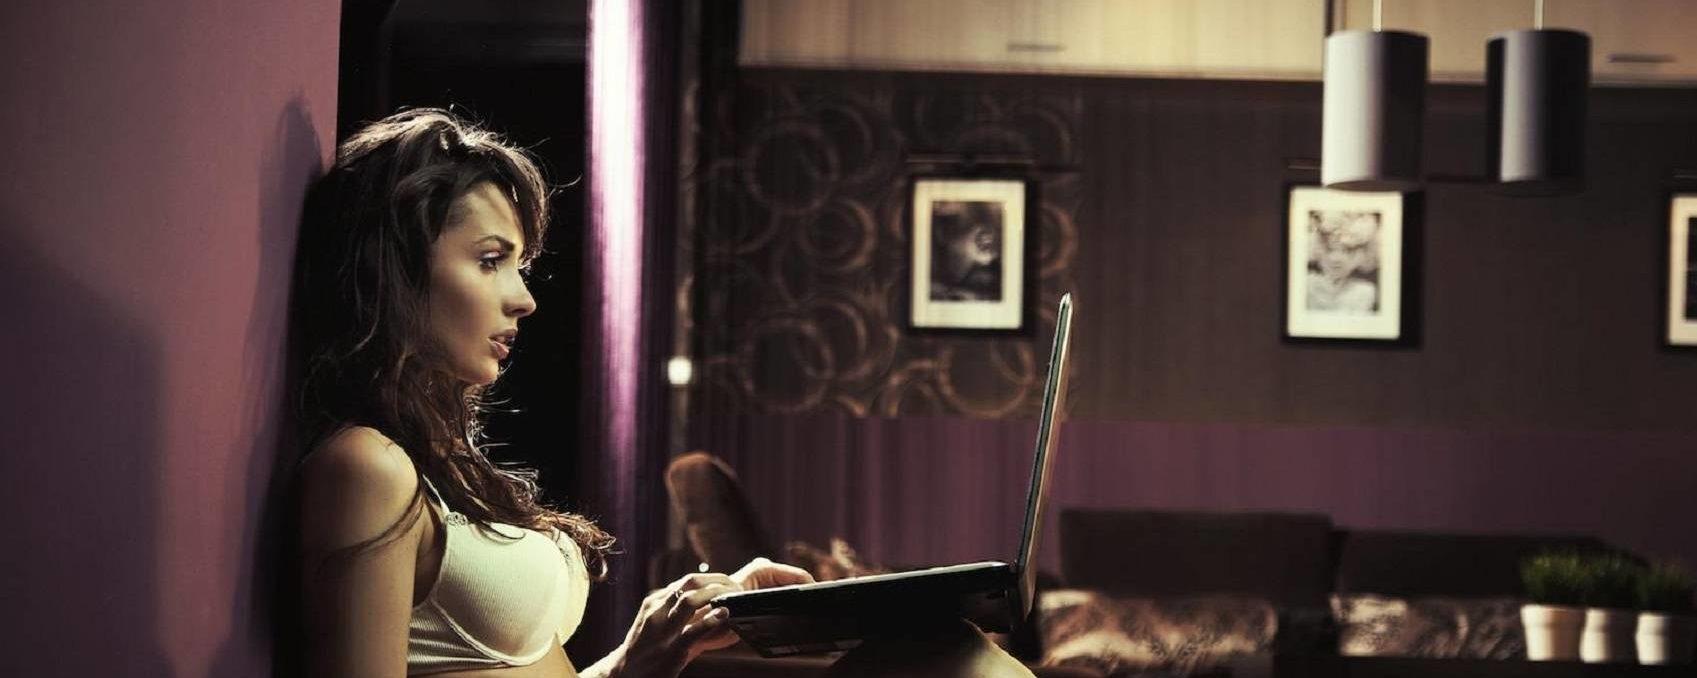 Earning Money as a Webcam Girl